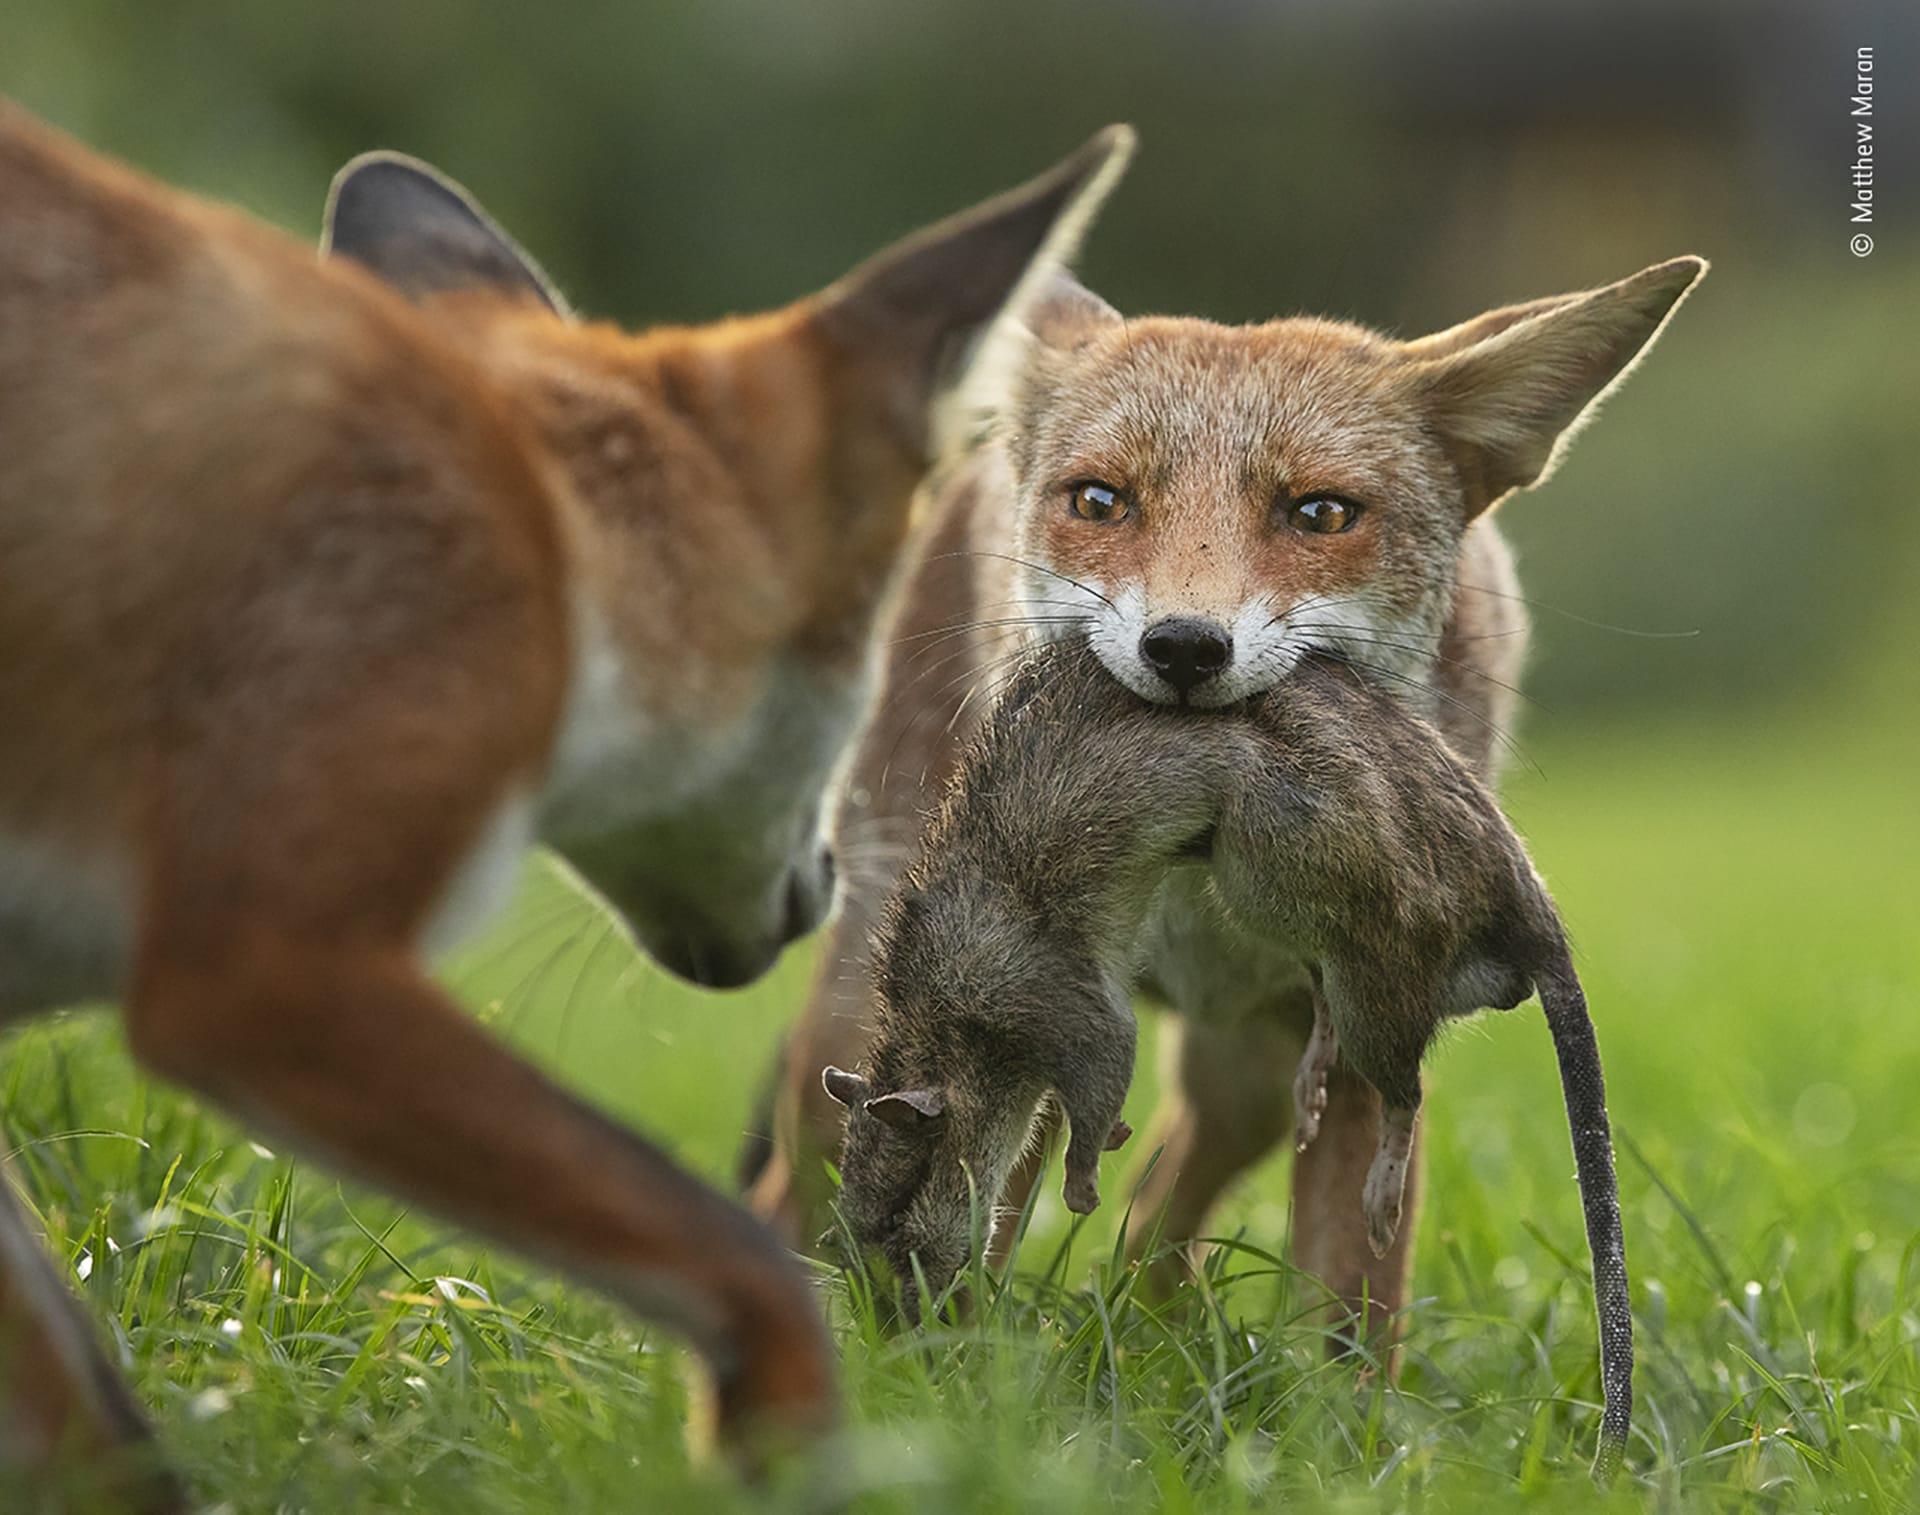 الكشف عن الصور الأولى من مسابقة مصور الحياة البرية لعام 2020